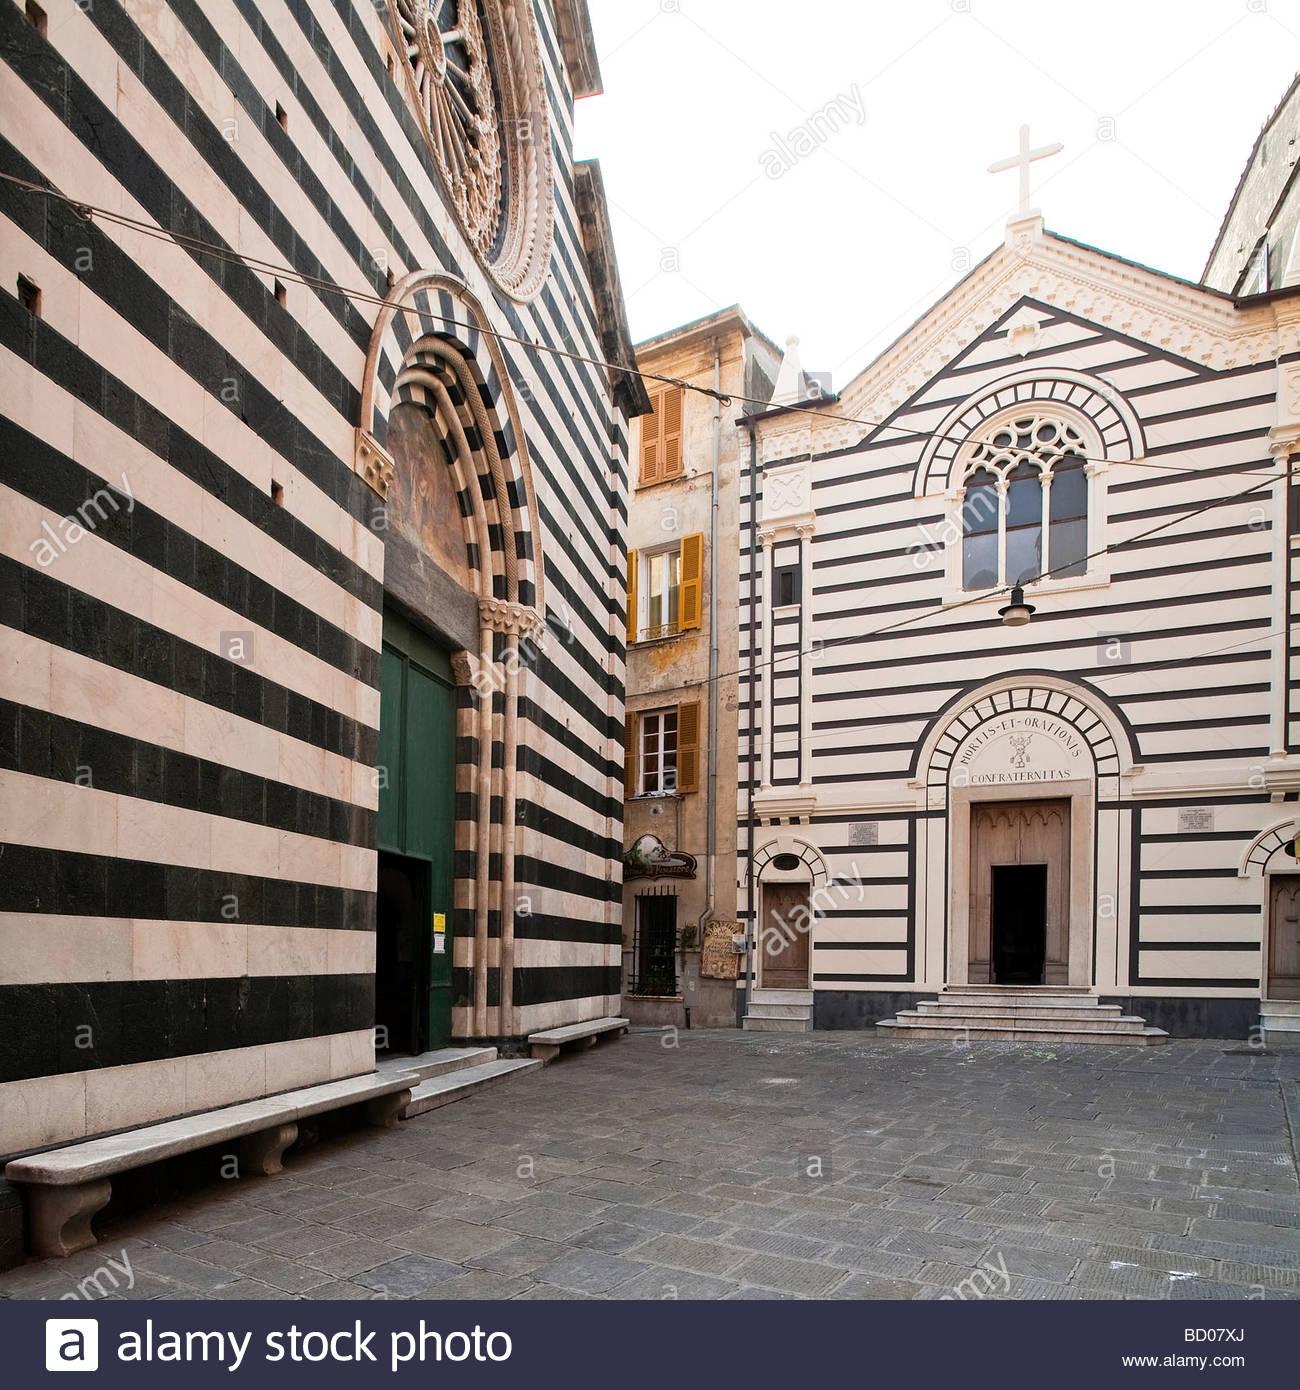 Eglise Saint-Jean-Baptiste, Monterosso, ligurie, italie Banque D'Images